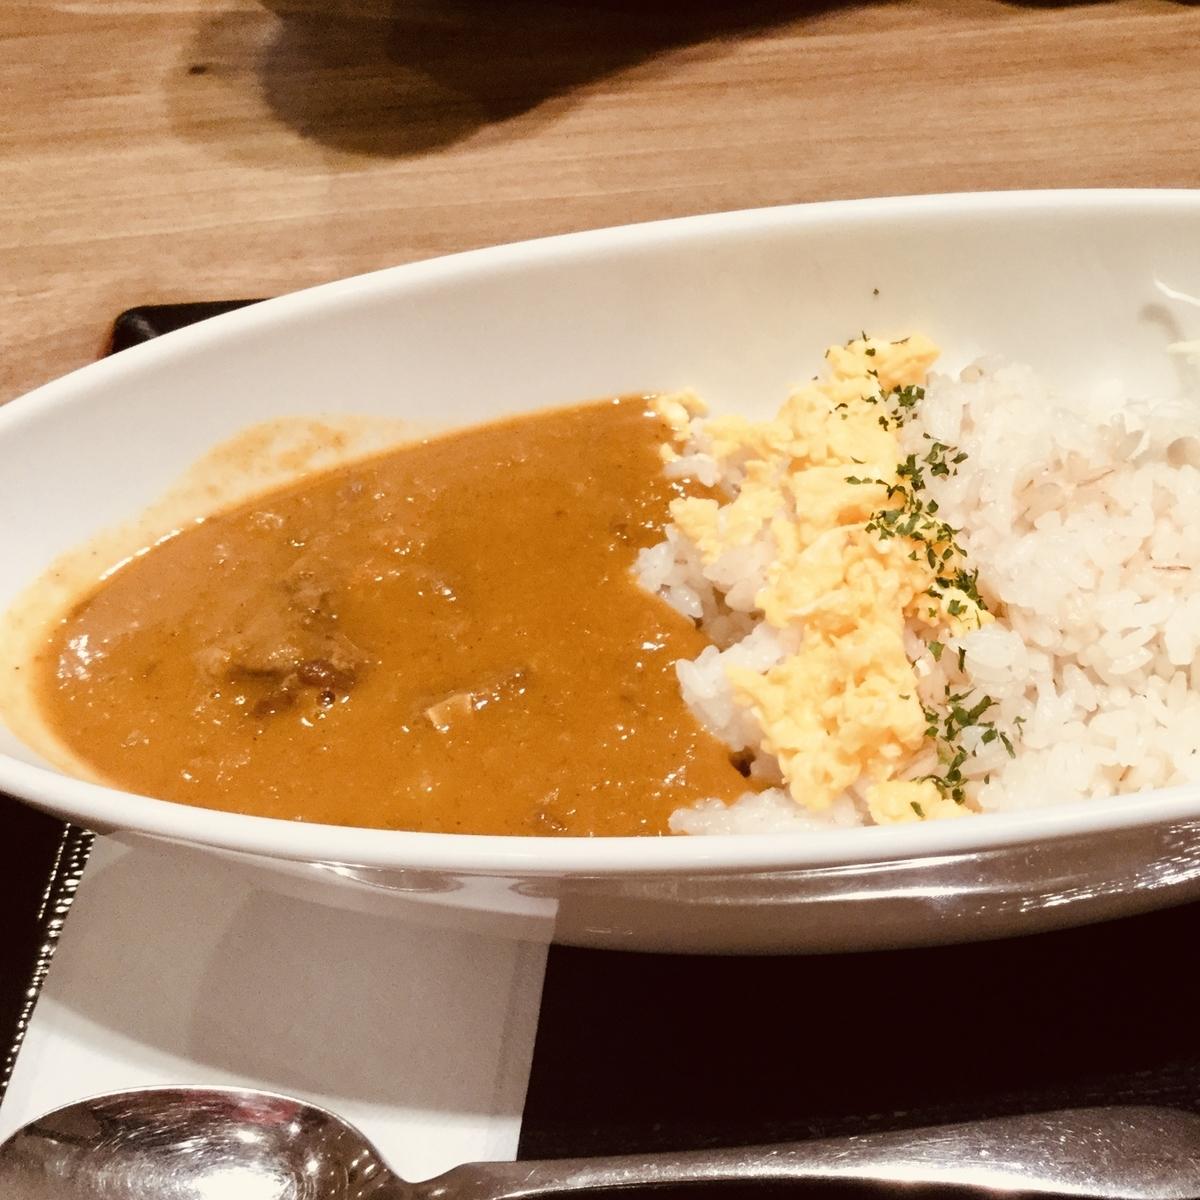 f:id:yumeusagiyukiusagi:20200120100441j:plain